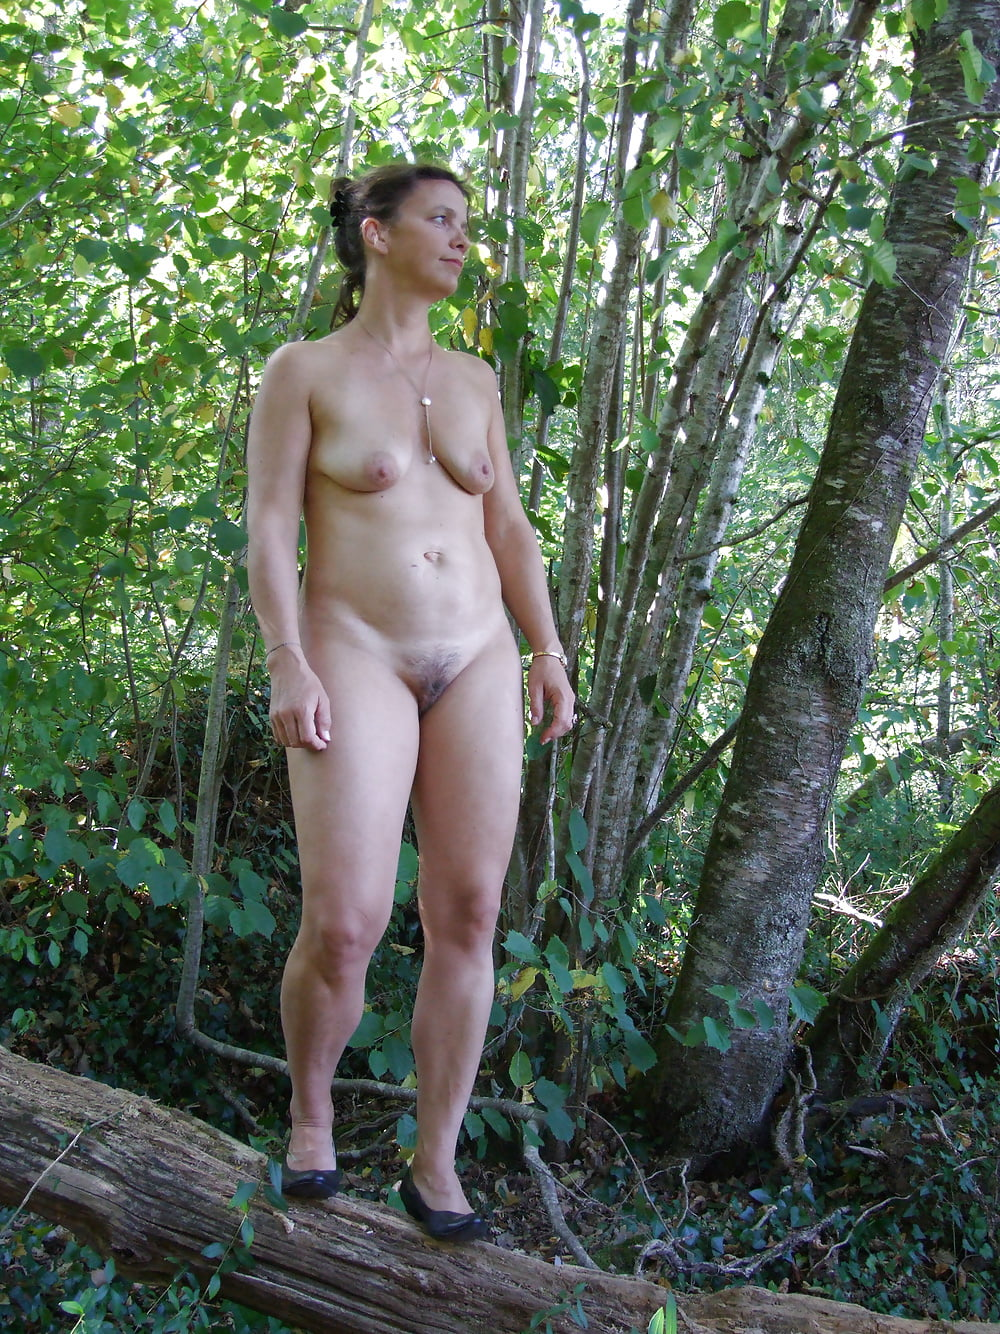 nude-women-outside-pics